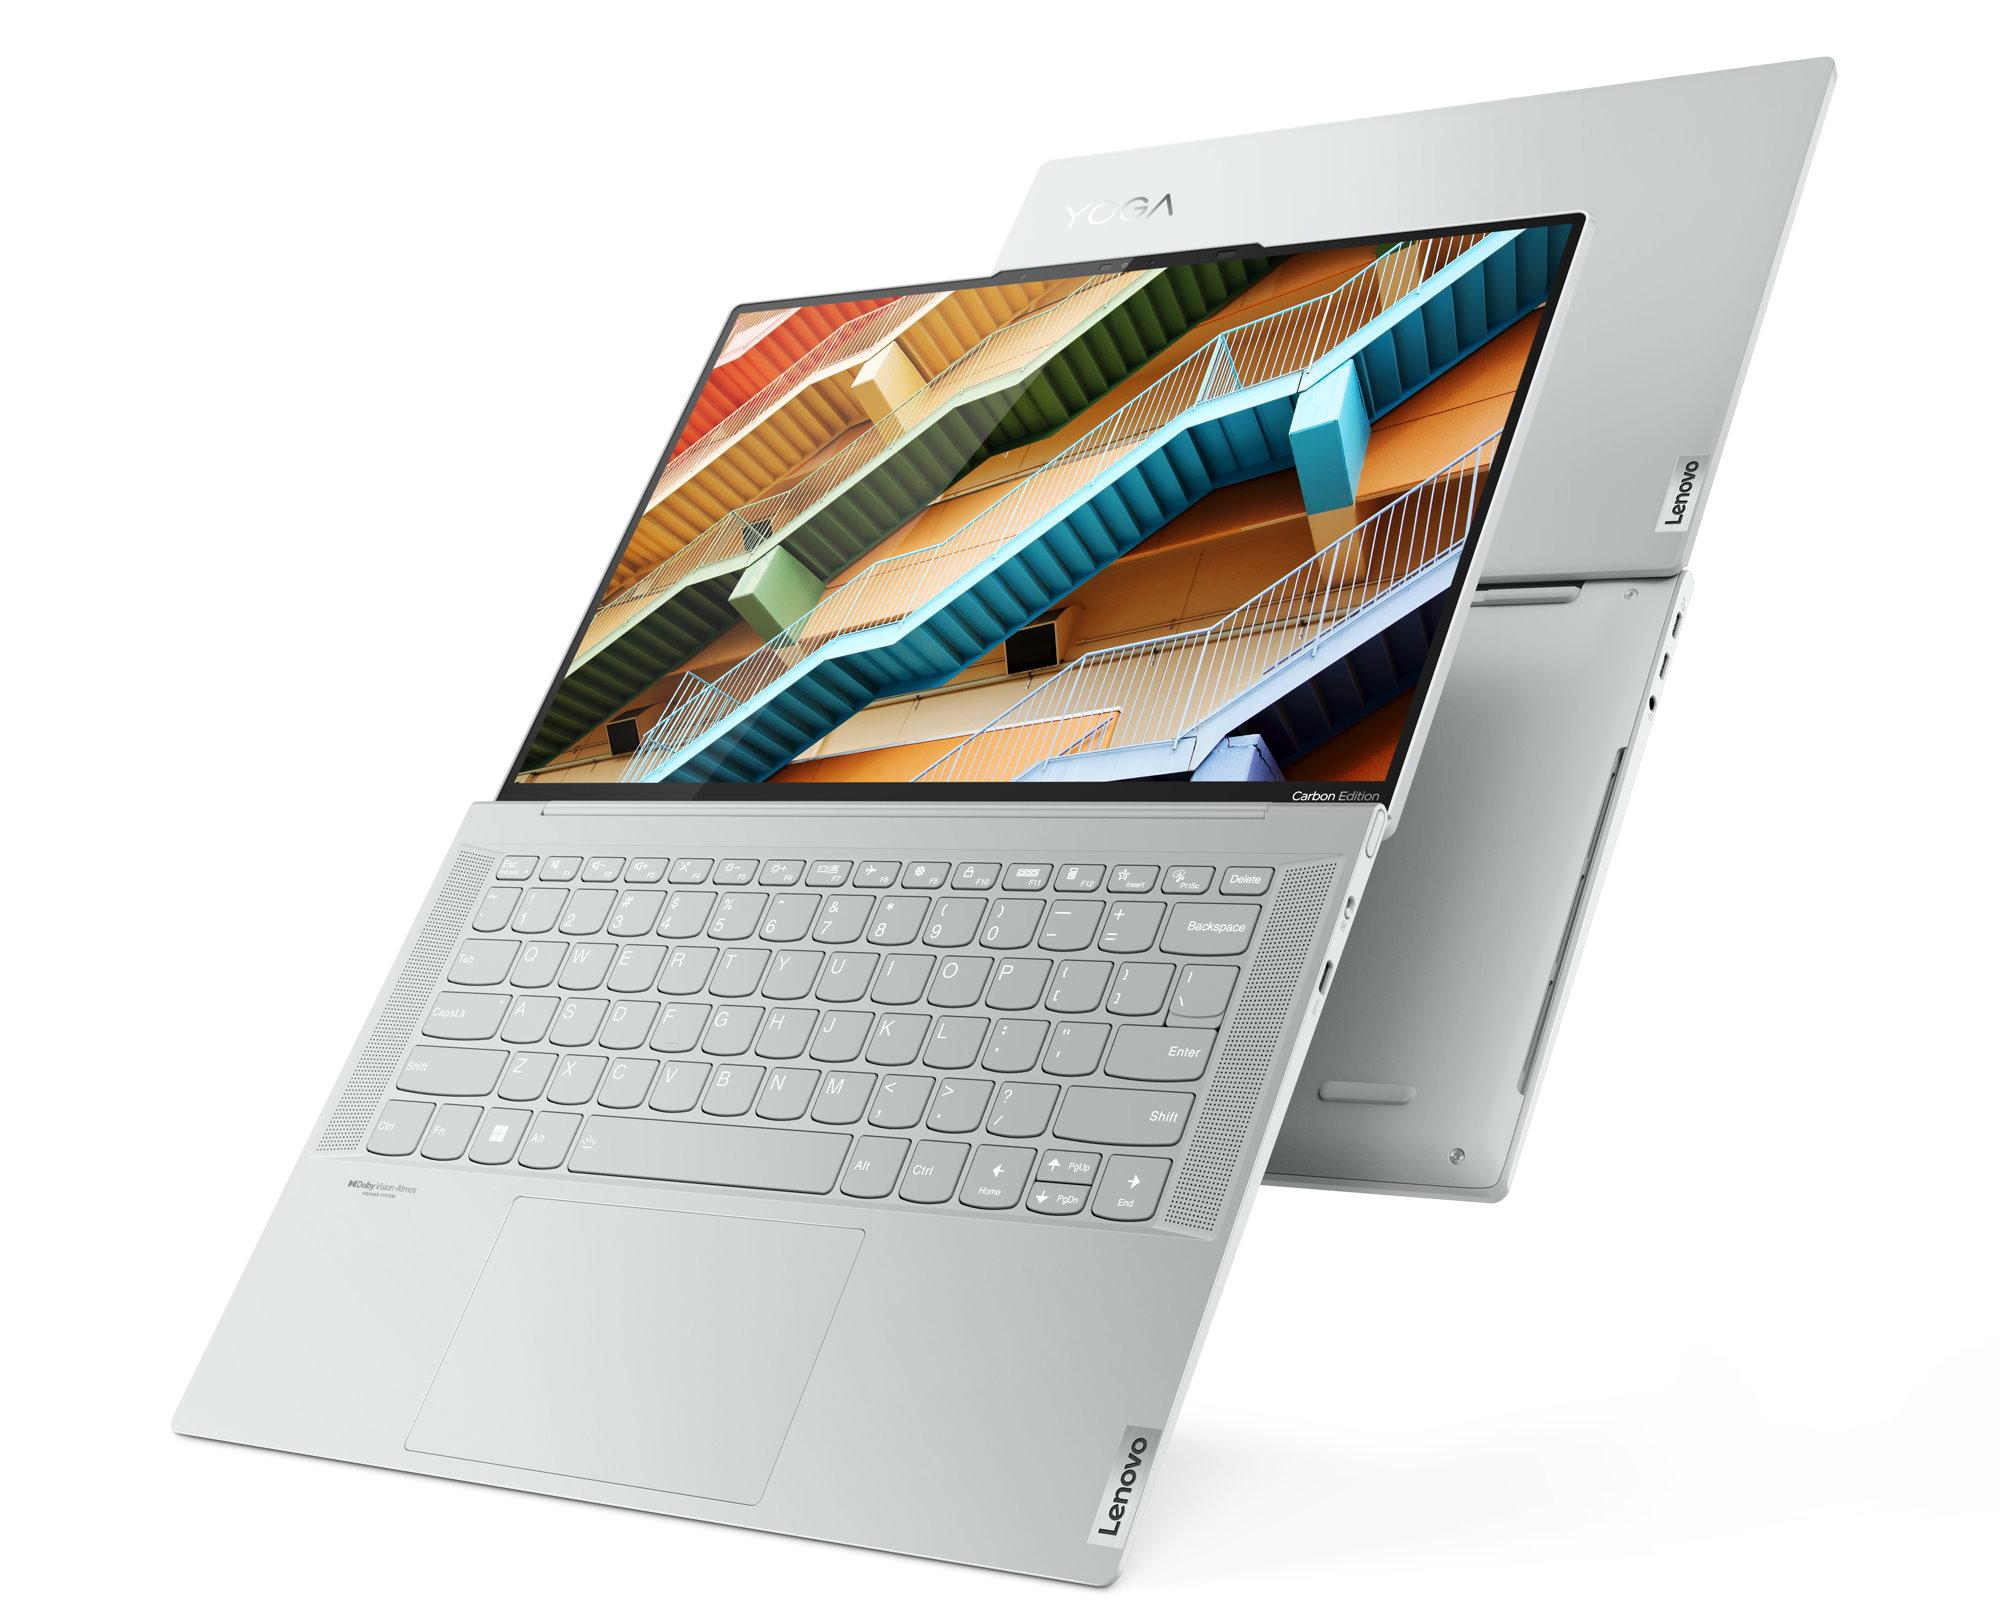 Lenovo Slim 7 Carbon : vitrine technologique et poids plume sous Windows 11